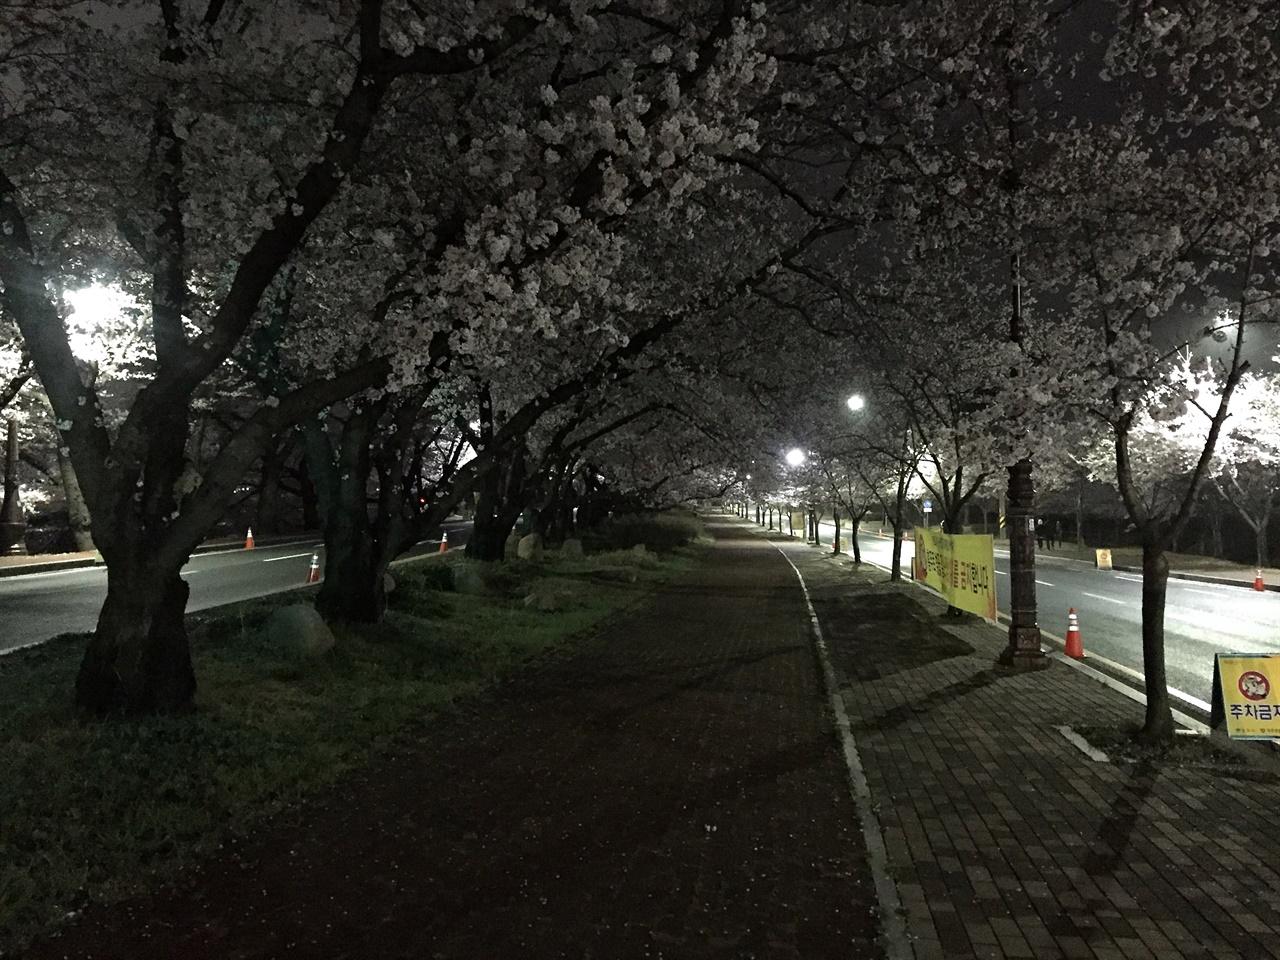 27일 밤, 벚꽃 상춘객이 몰릴 것에  대비해 미리 불을 껀 '경주 흥무로 벚꽃길' 모습